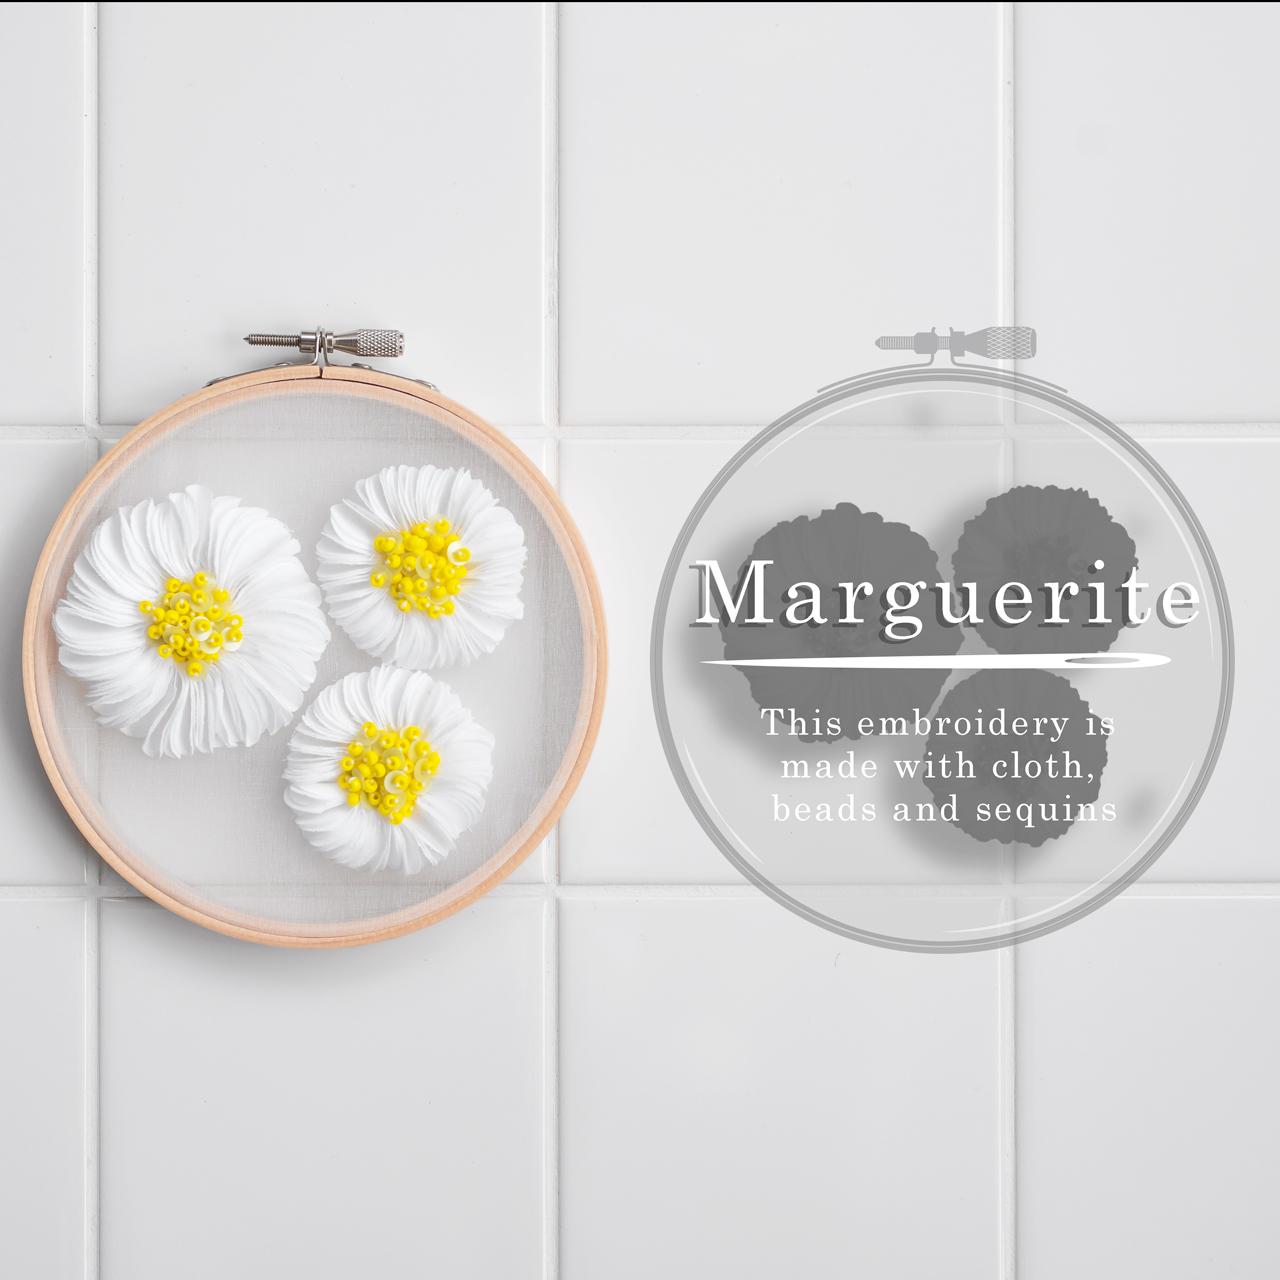 マーガレットの刺繍キット